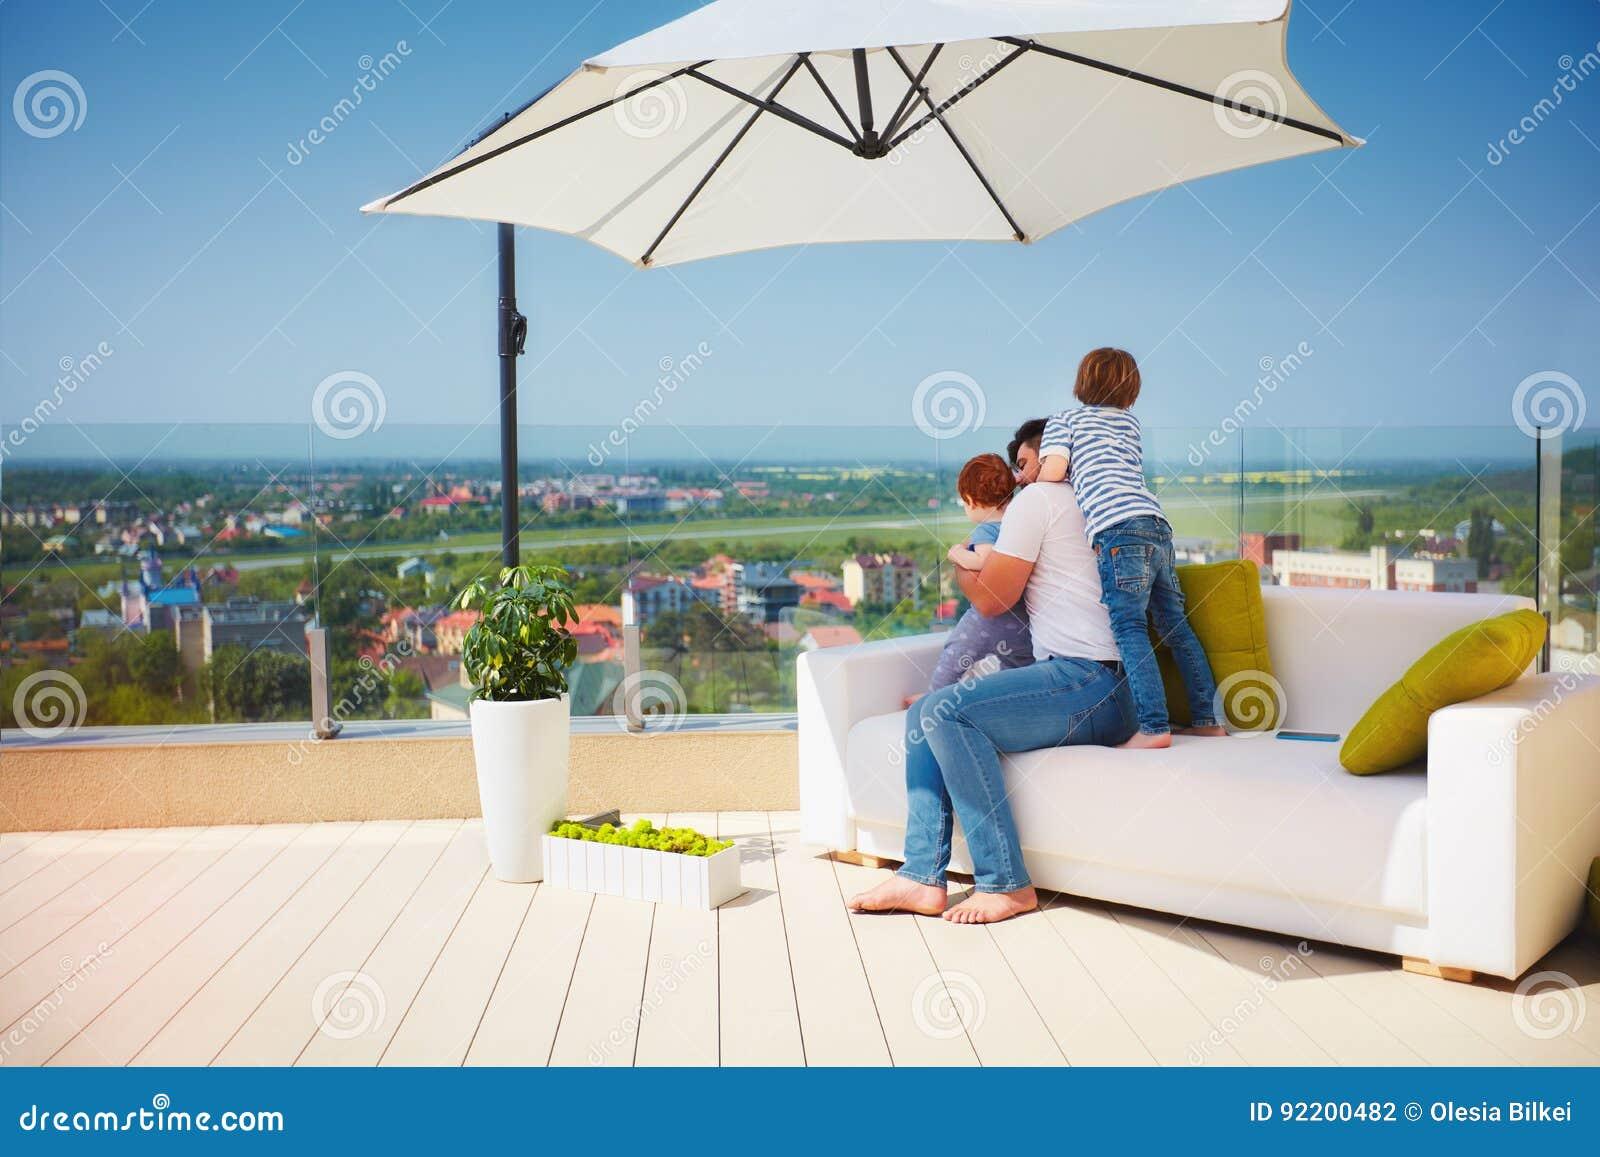 Ευτυχής οικογένεια που απολαμβάνει τη θέα, που χαλαρώνει στον καναπέ στο τοπ πεζούλι στεγών στη θερμή ηλιόλουστη ημέρα